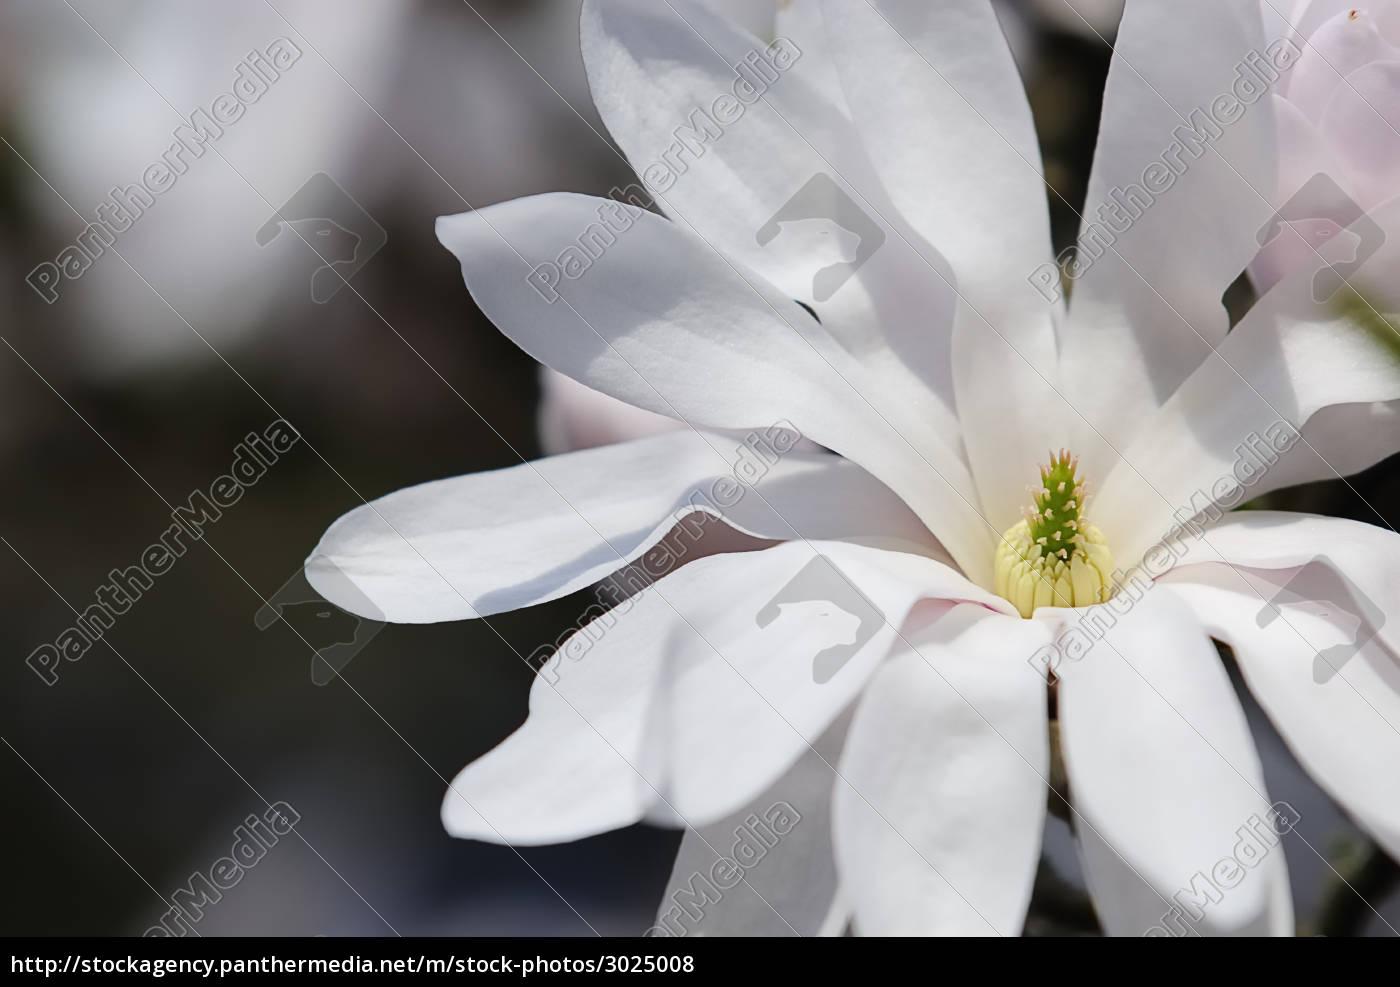 star, magnolia, 9 - 3025008